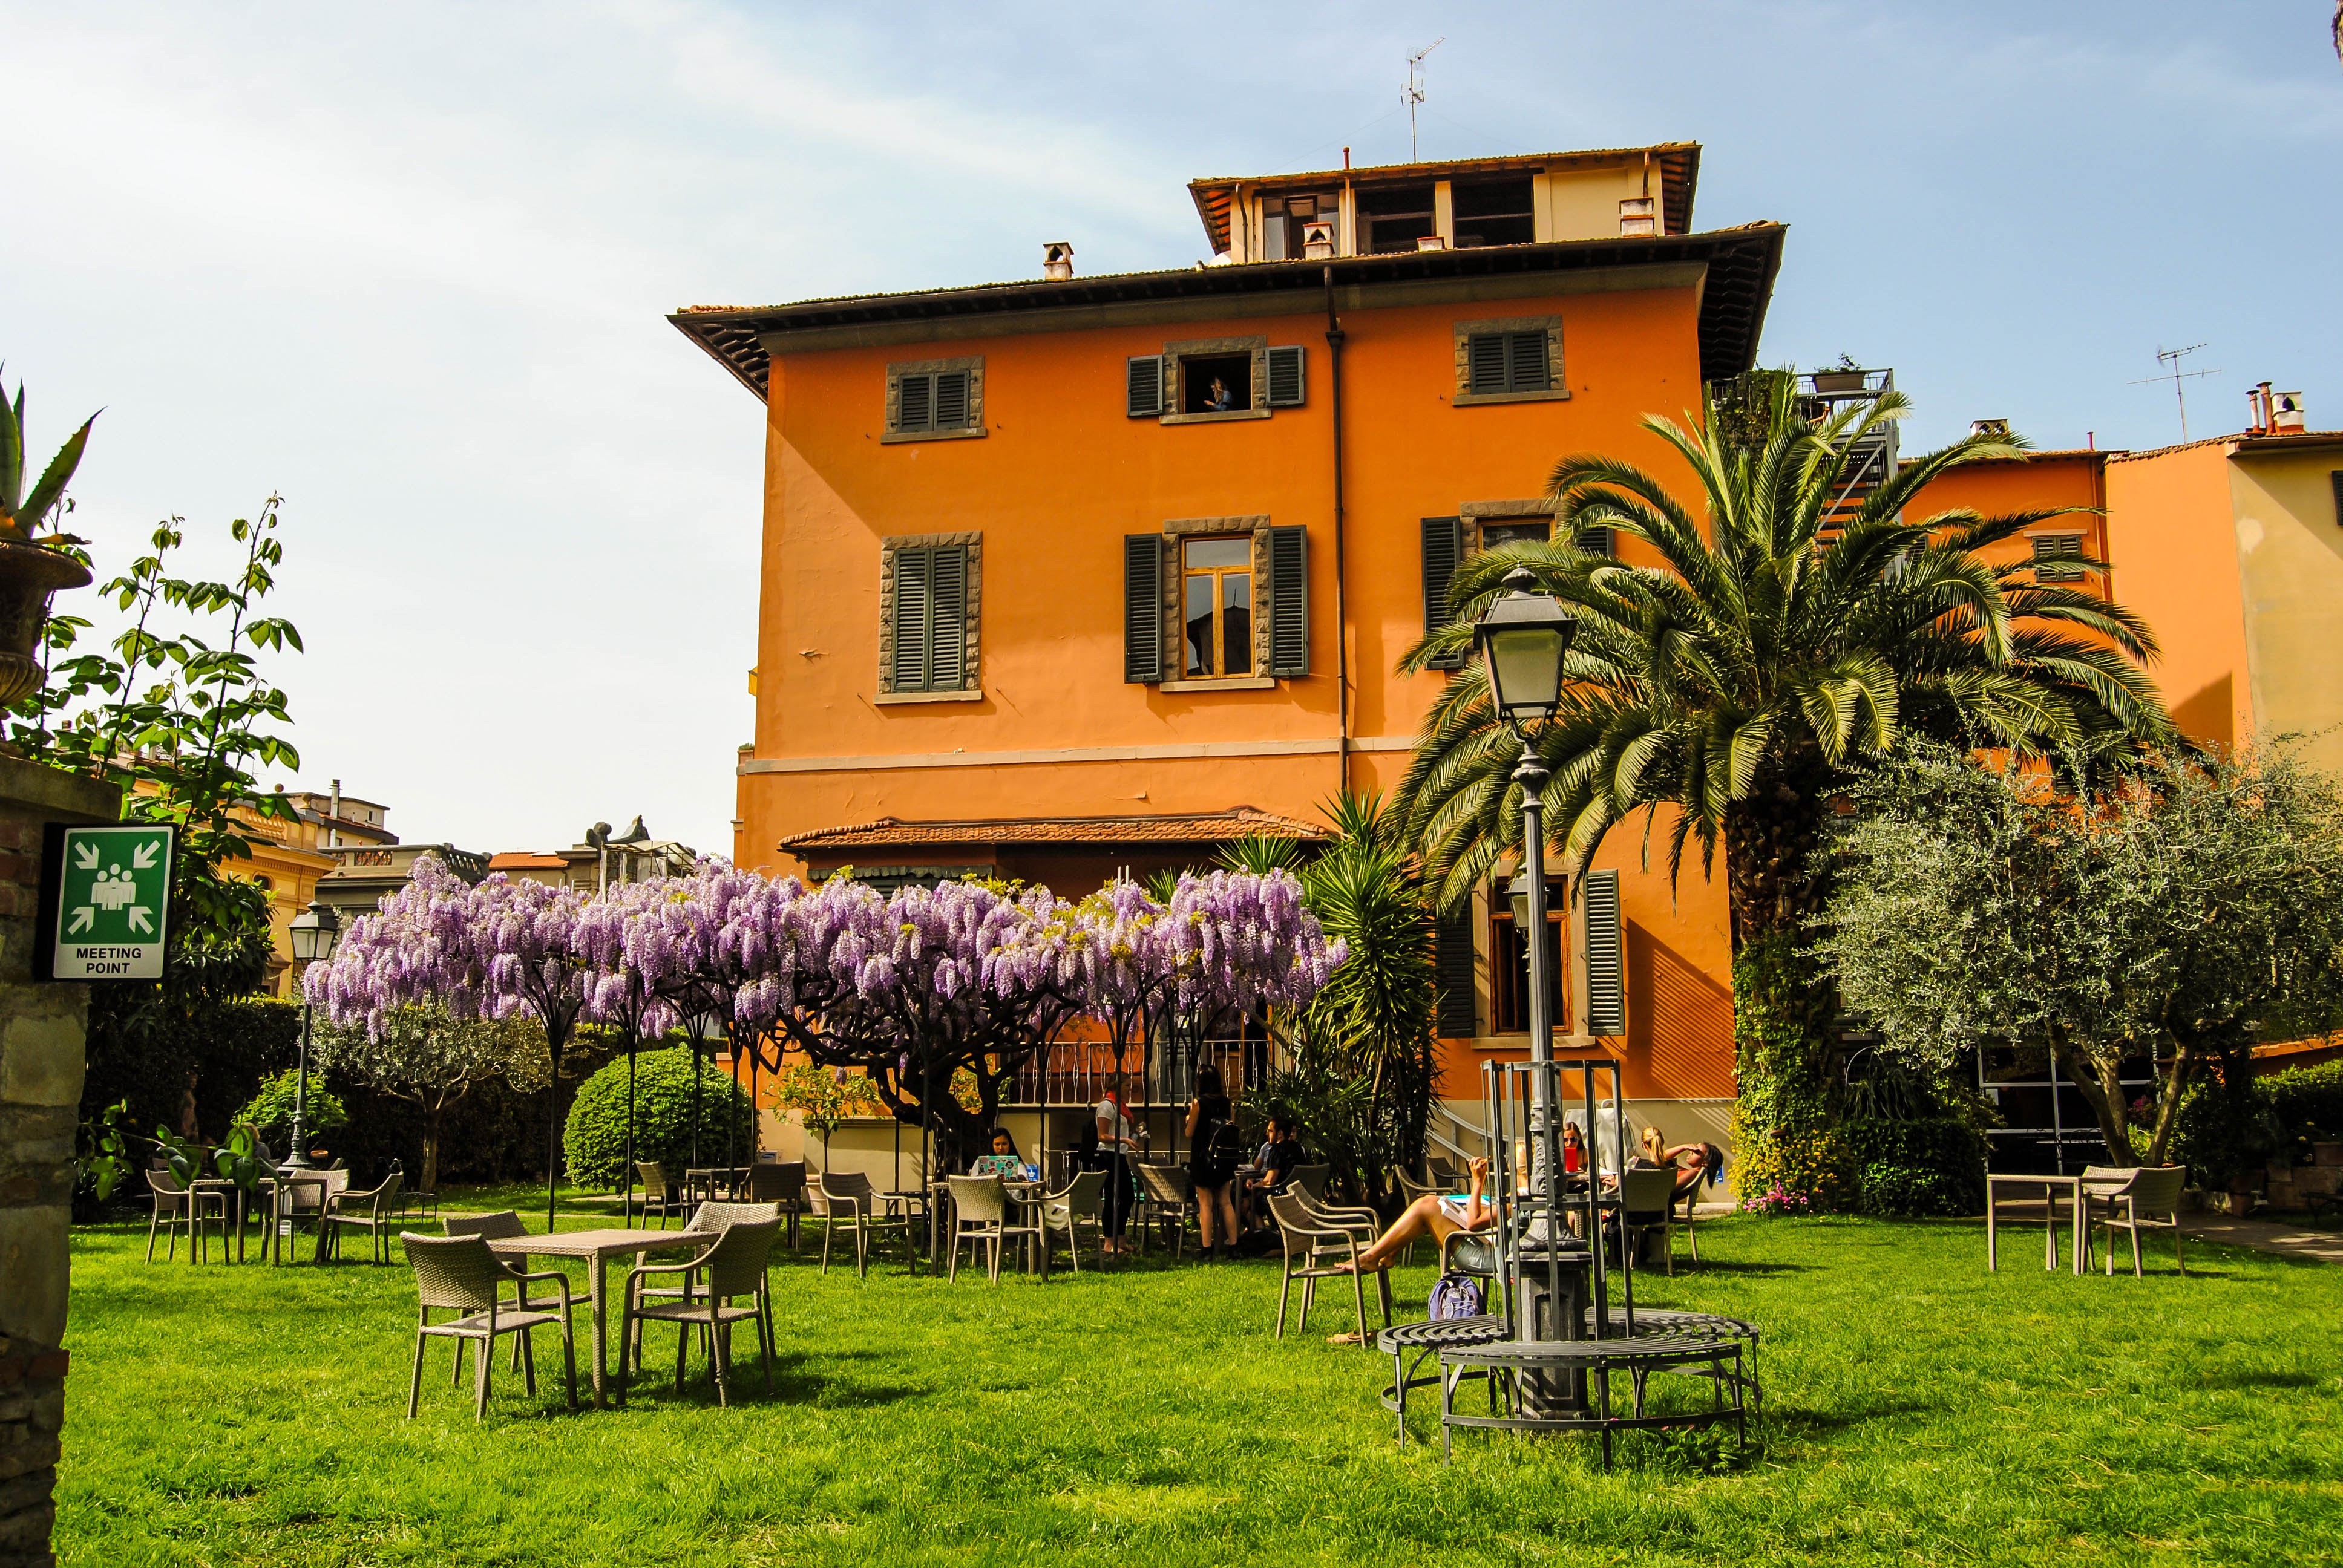 Italian Florence: Syracuse University